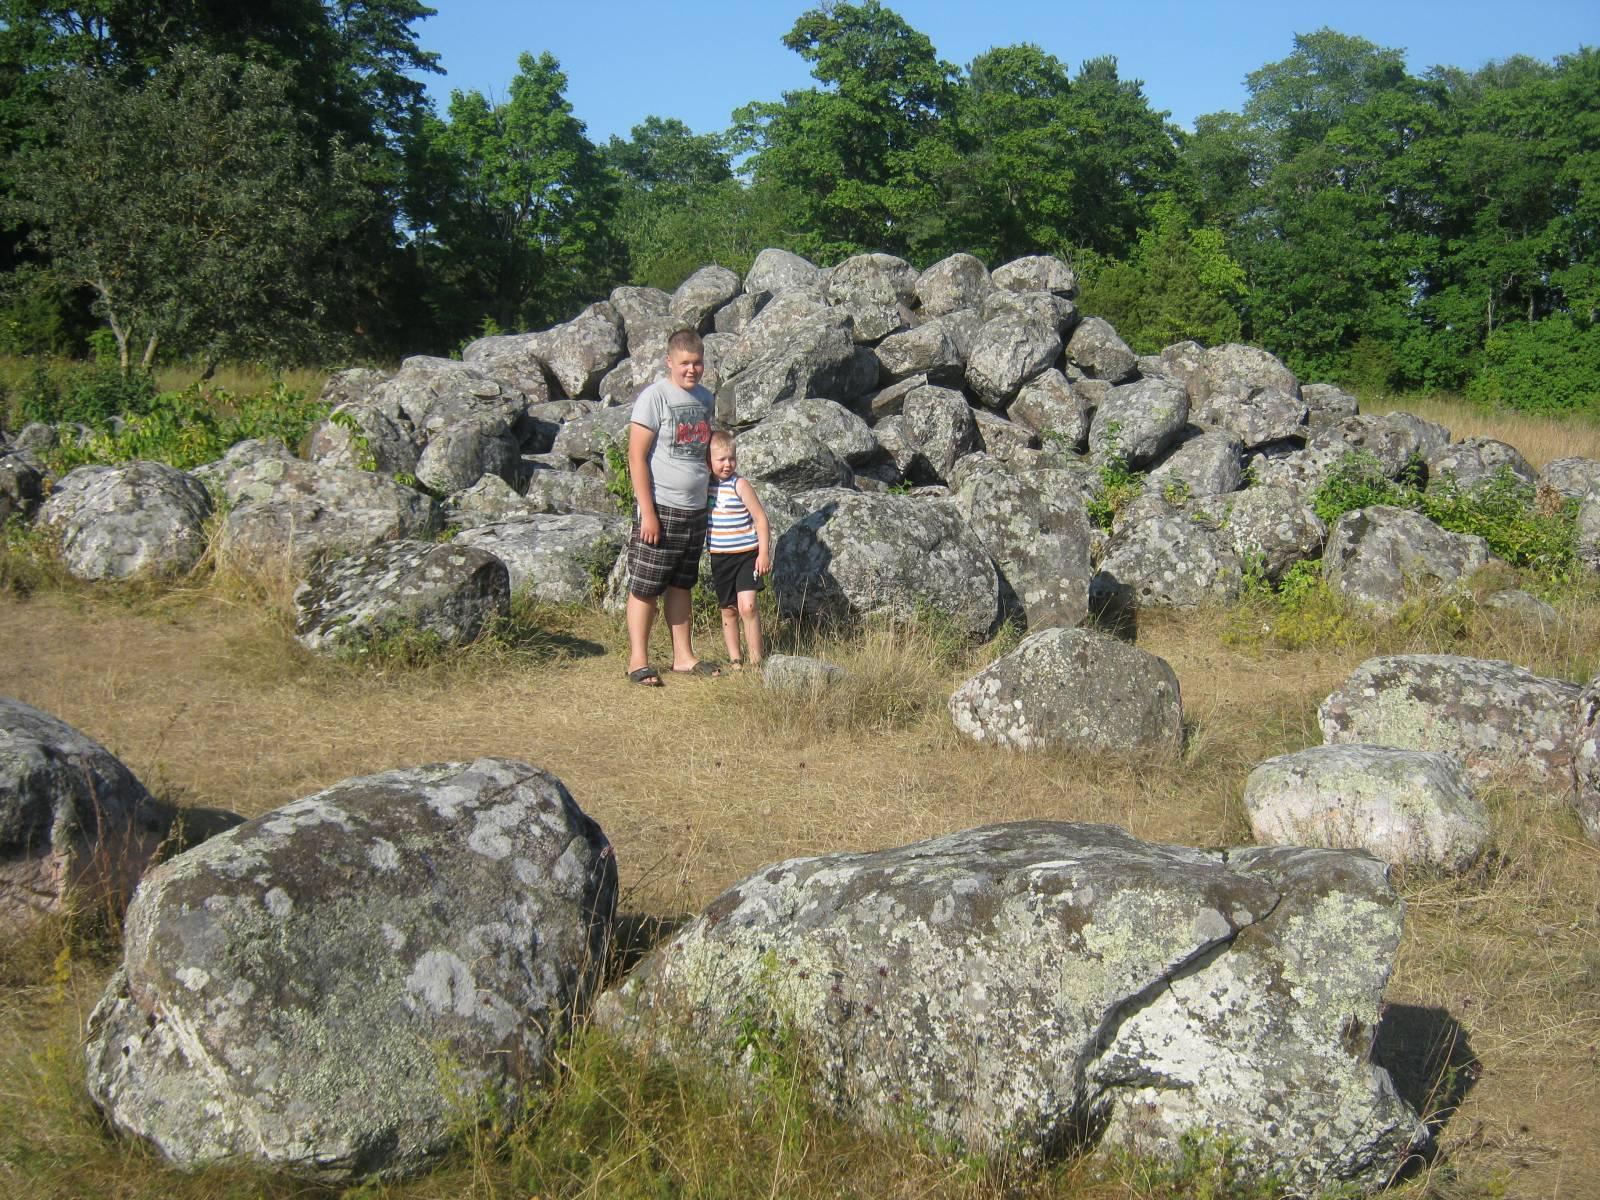 Ka vennad saab lepitatud leppe kivide toel